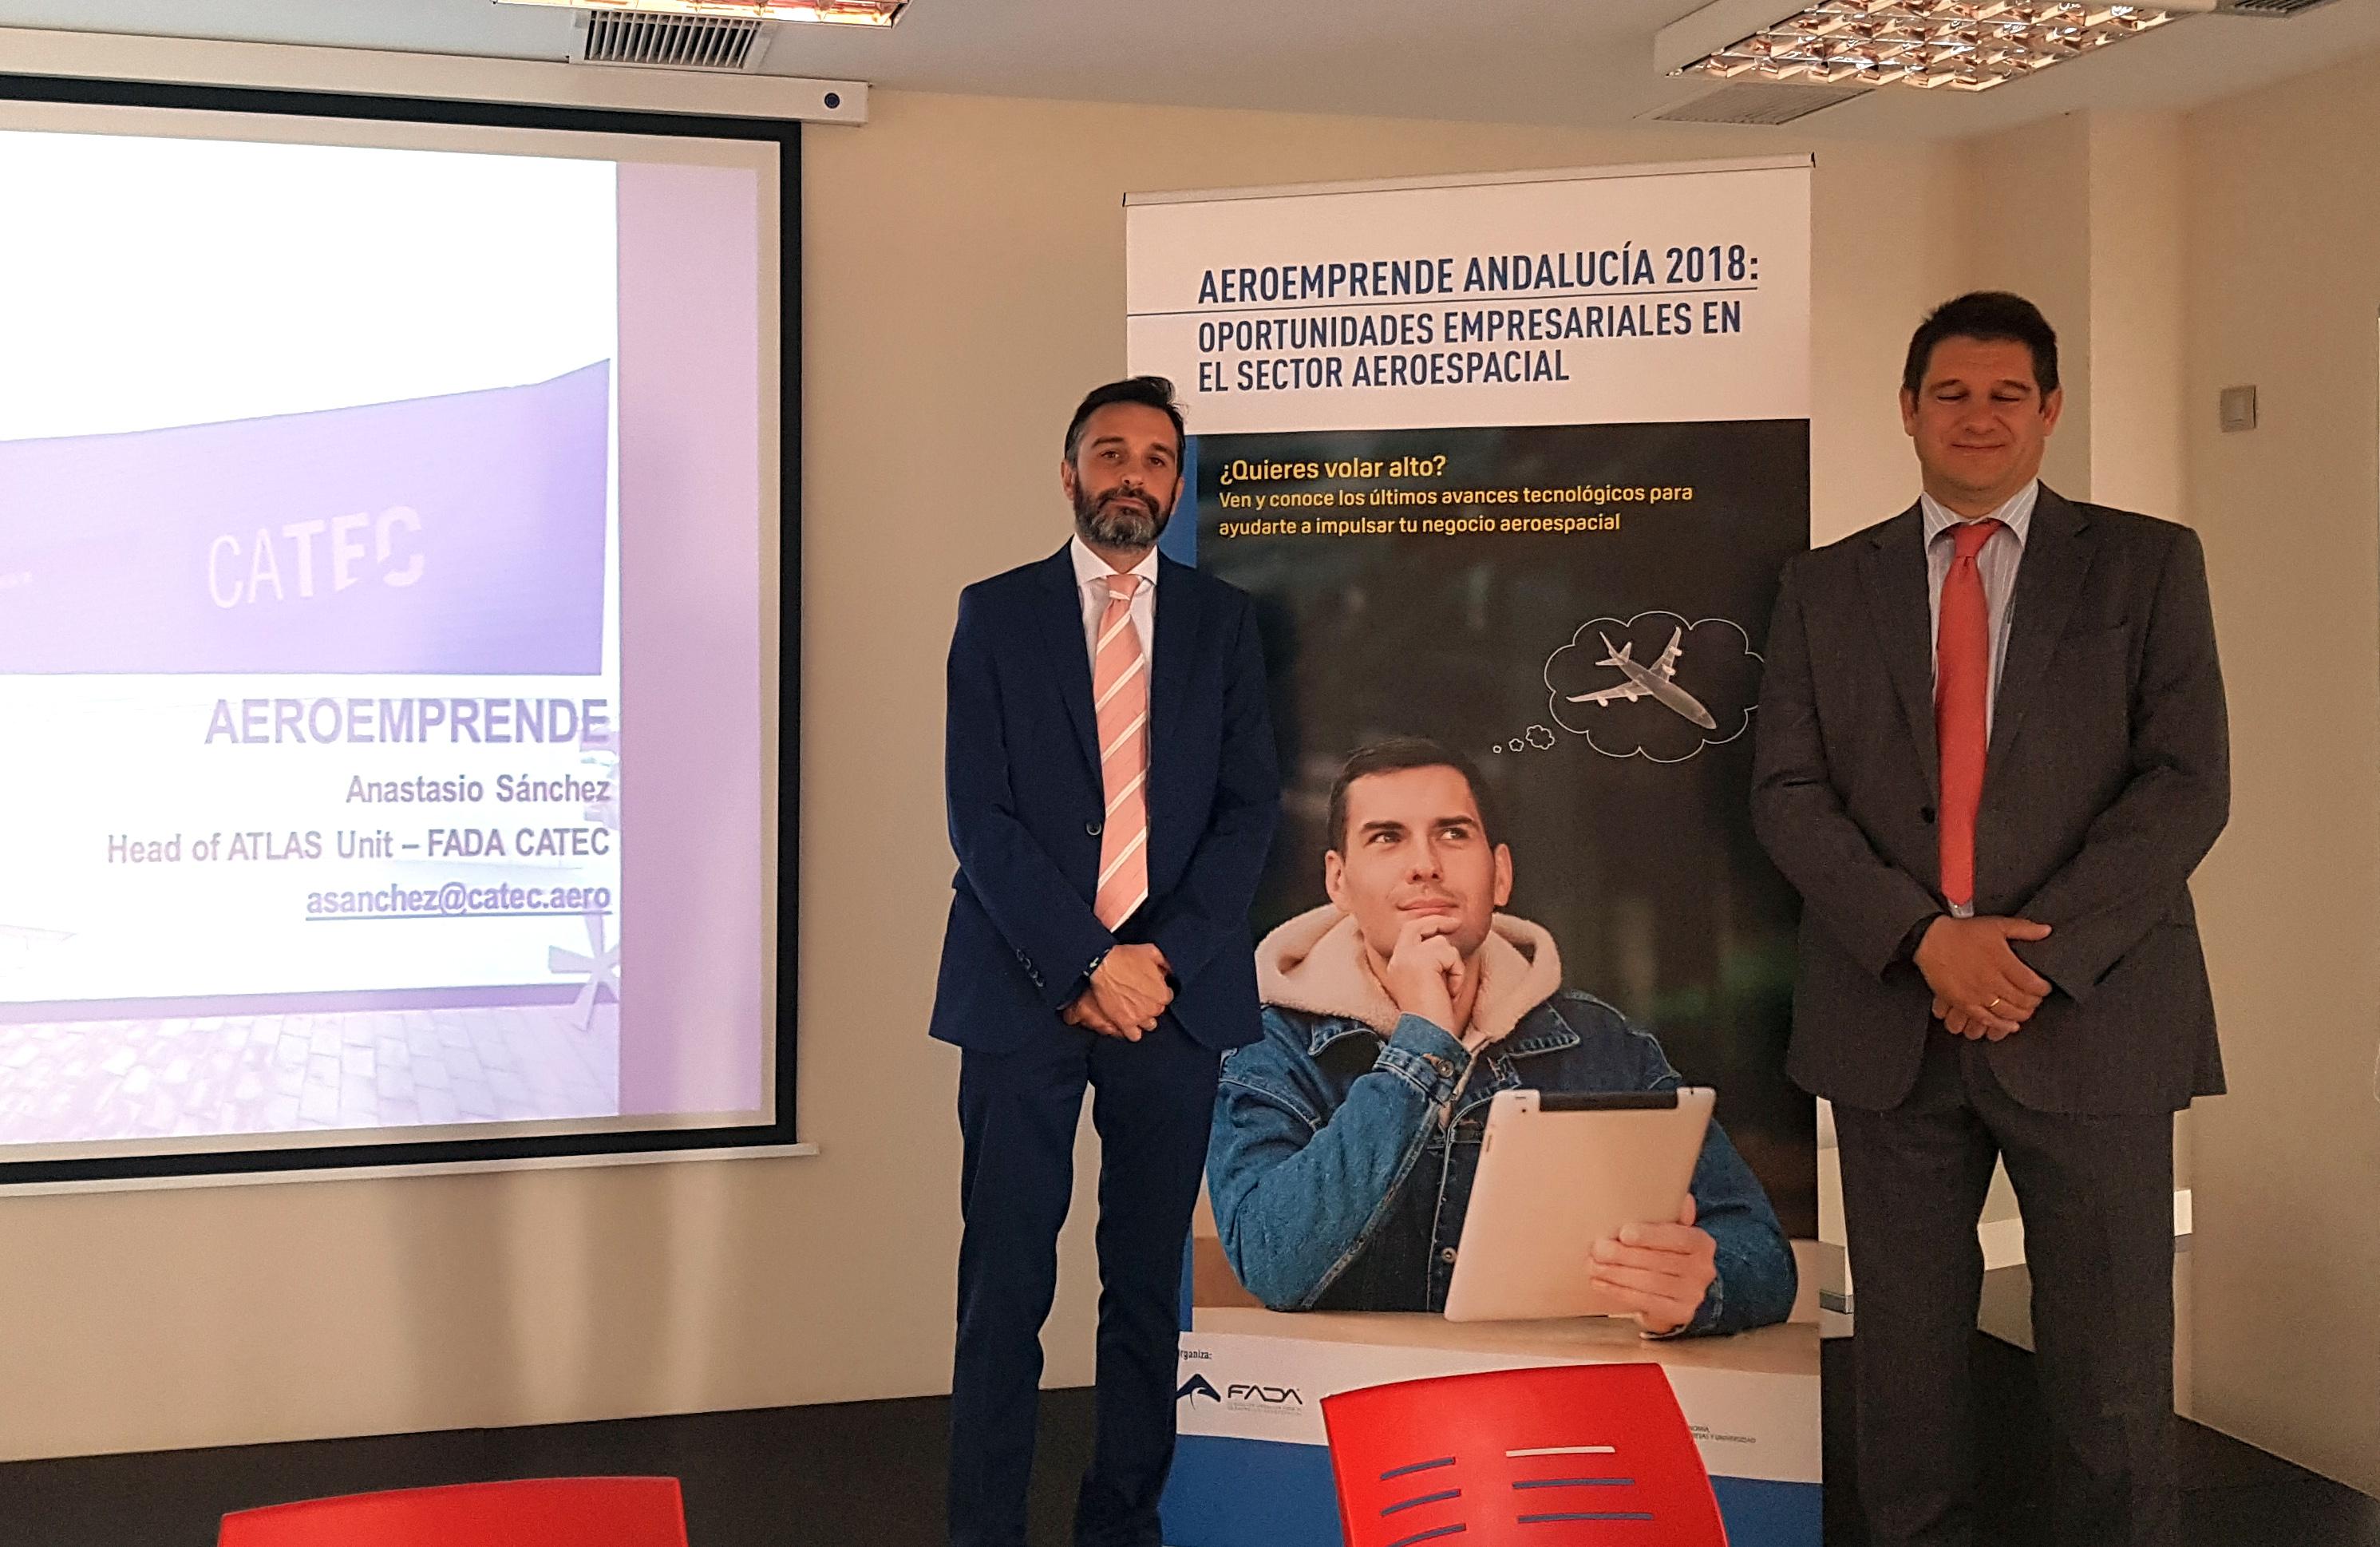 CATEC acerca a emprendedores y pymes andaluzas las últimas tecnologías del sector para ayudarles a impulsar su negocio